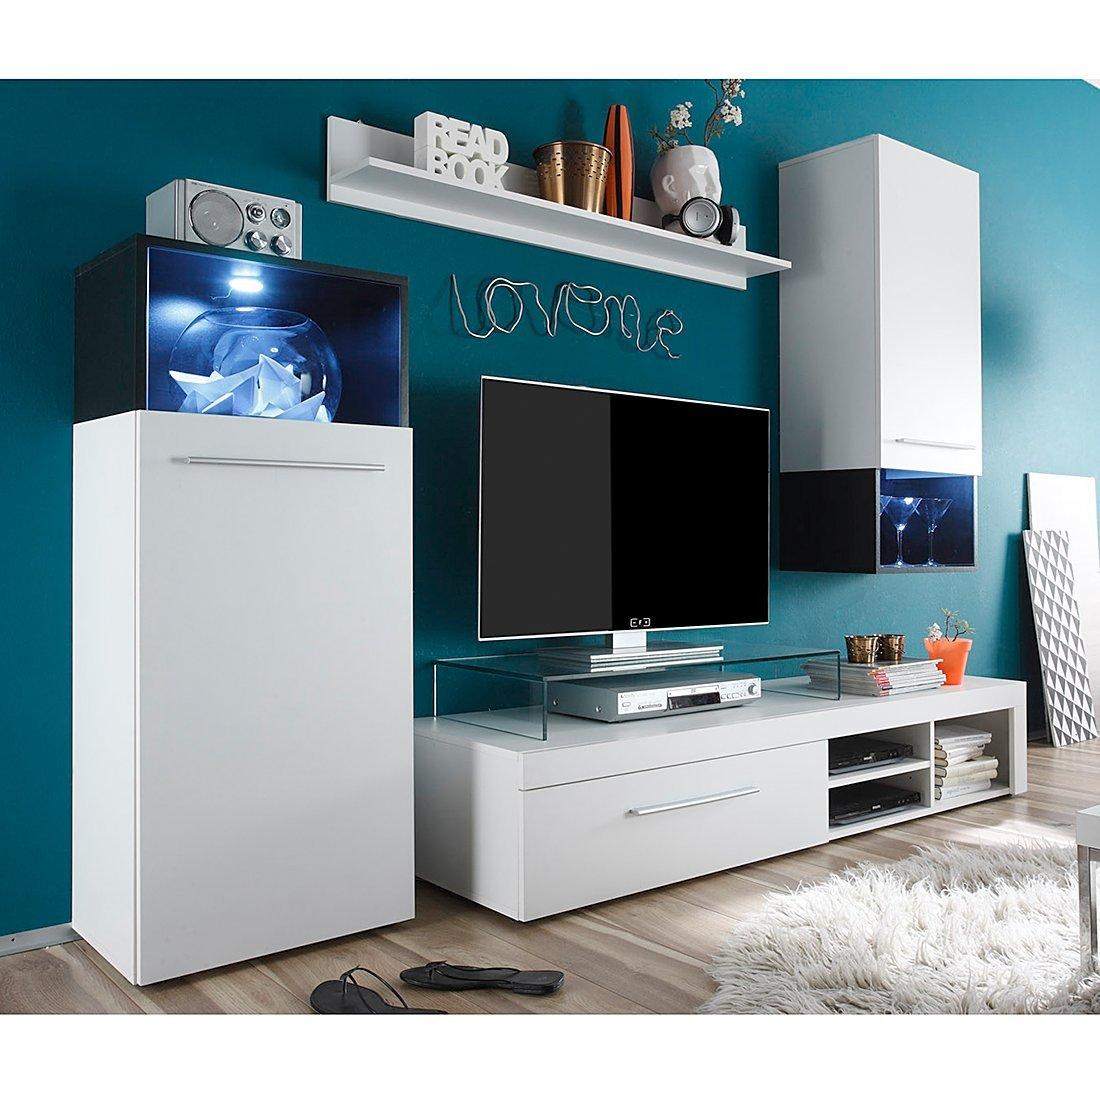 trendteam MC94702 Wohnwand Wohnzimmerschrank Anbauwand weiss, Absetzungen schwarz, Glas Pasol grau, BxHxT 234x183x47 cm online bestellen